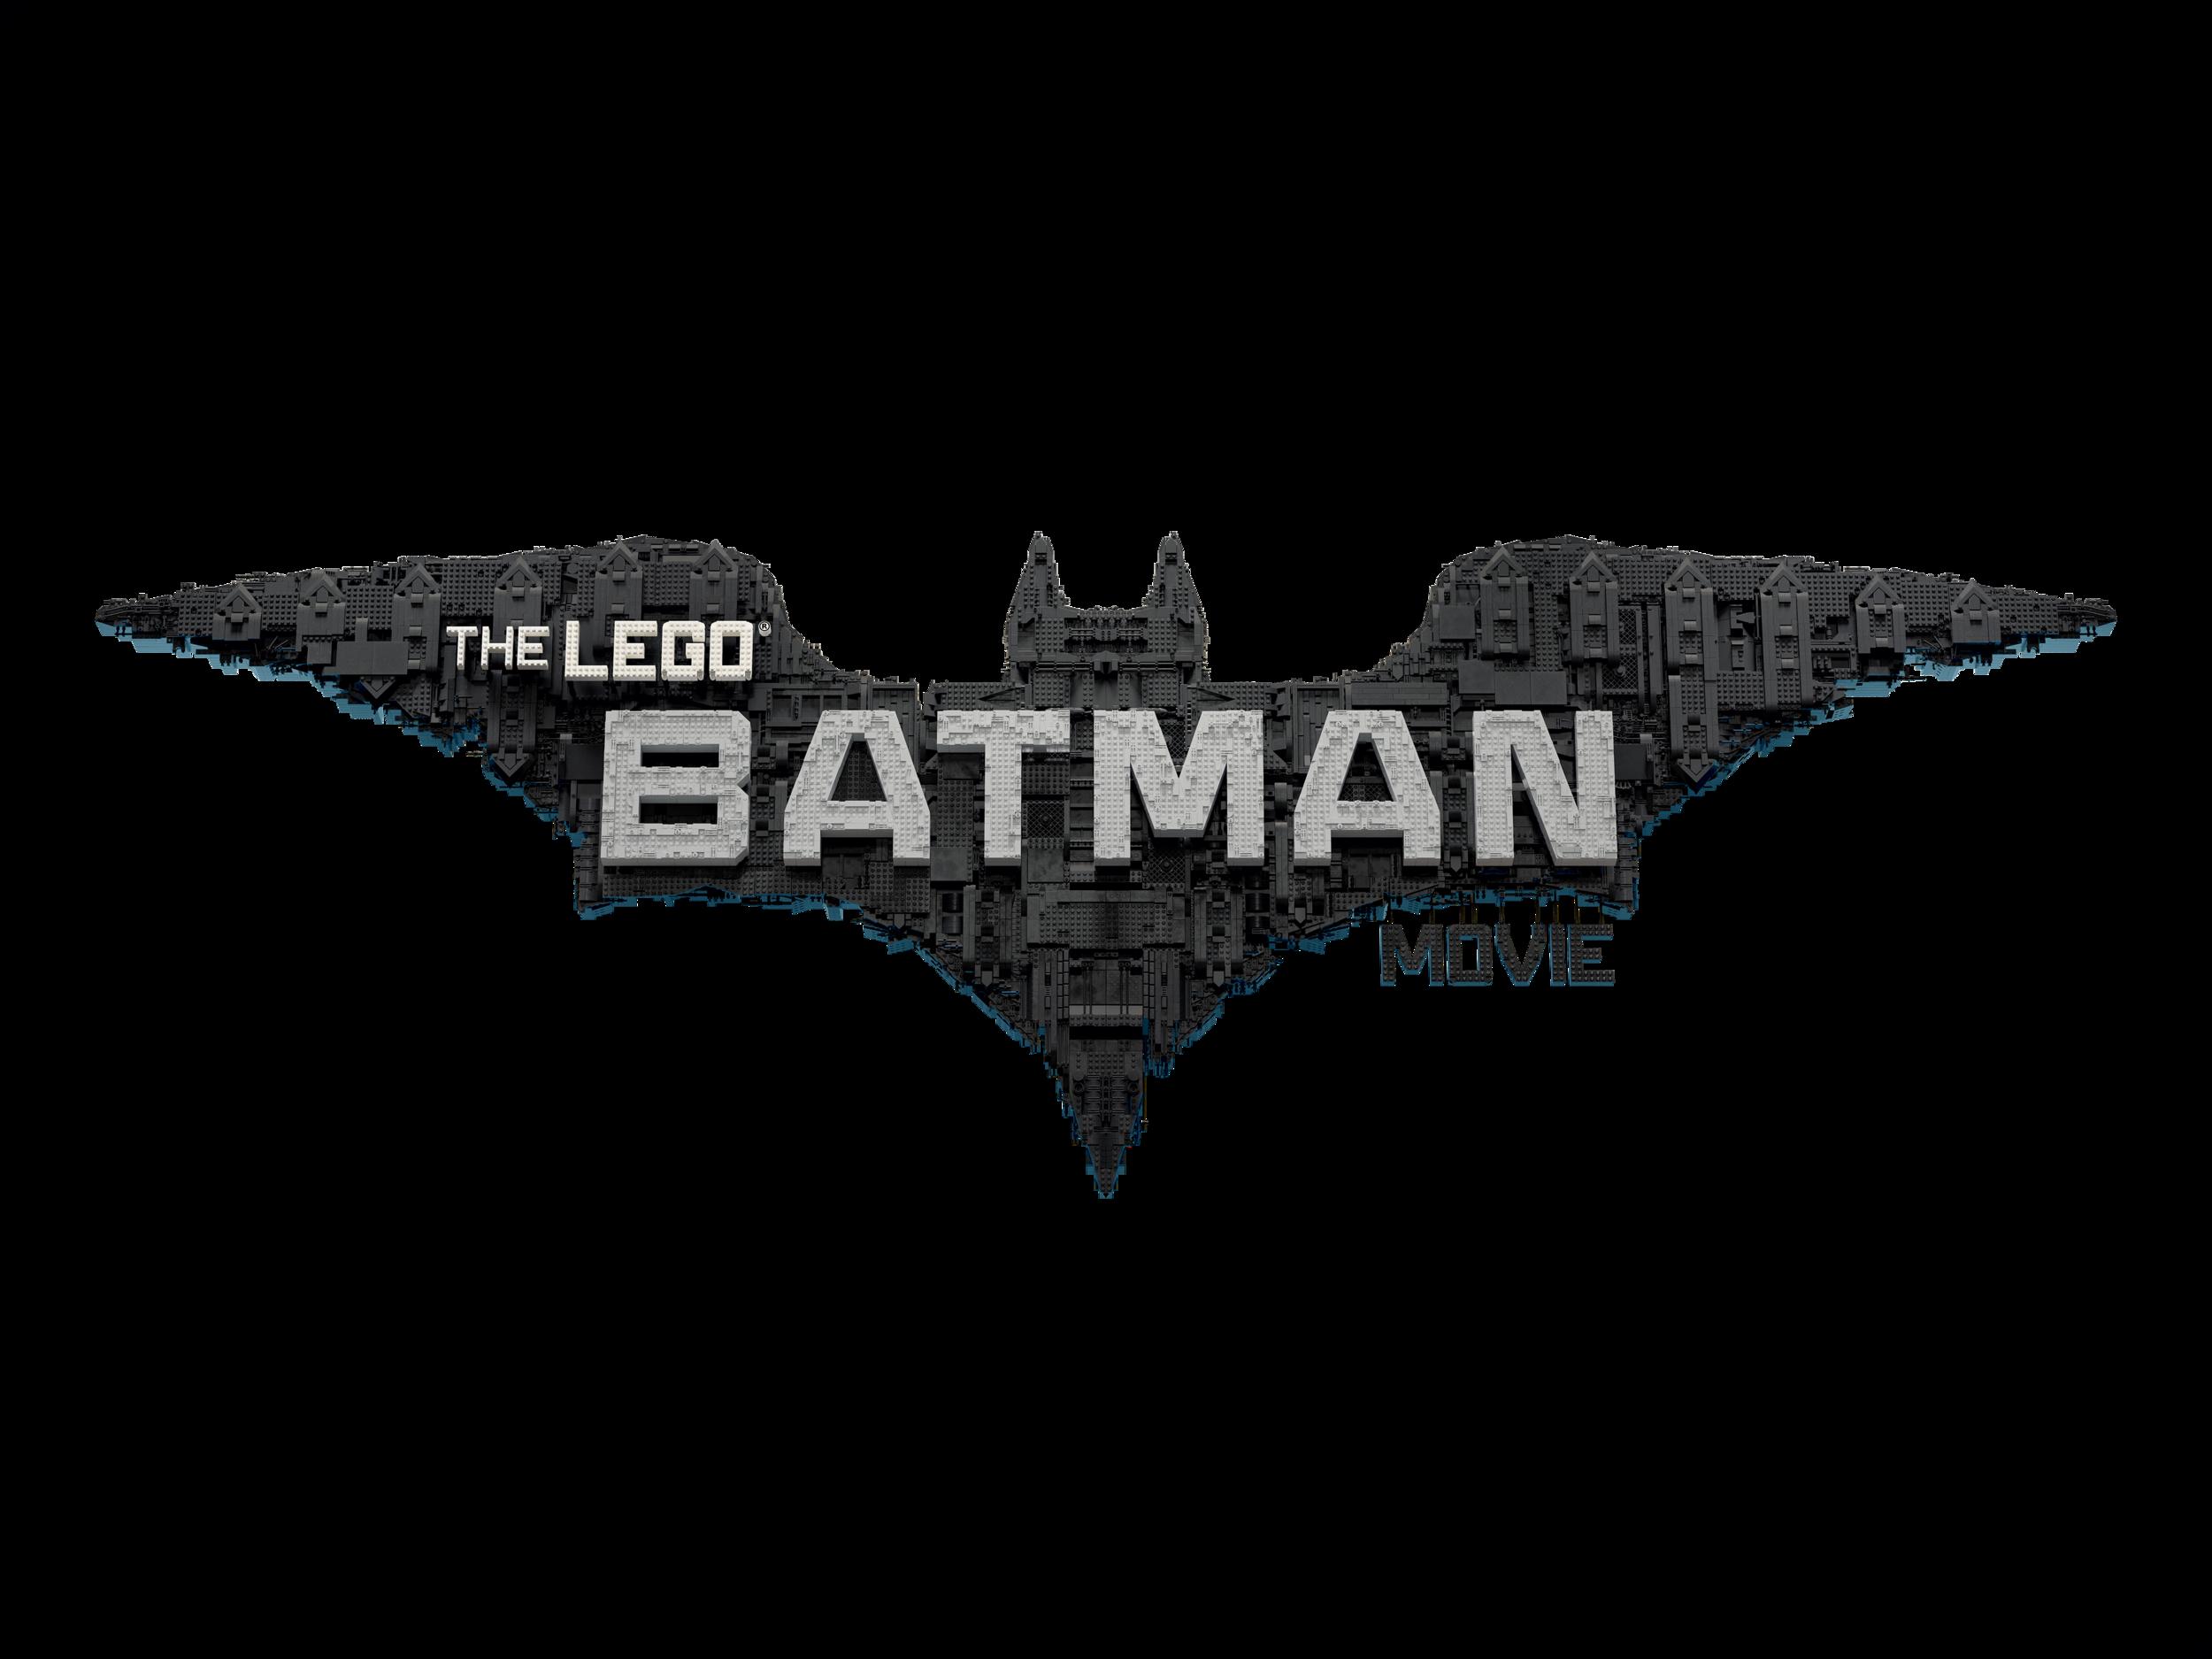 LegoBatman_MT_black.png